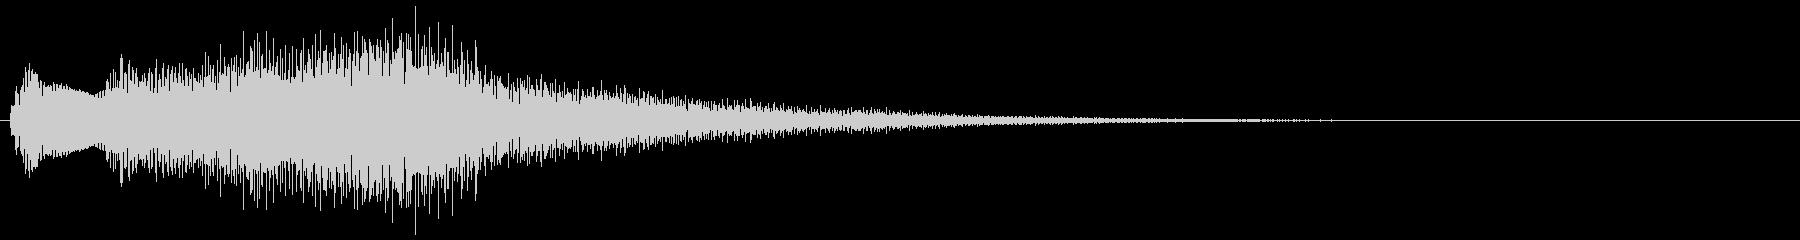 ティララーン(ボーナス音・報酬・ゲット)の未再生の波形